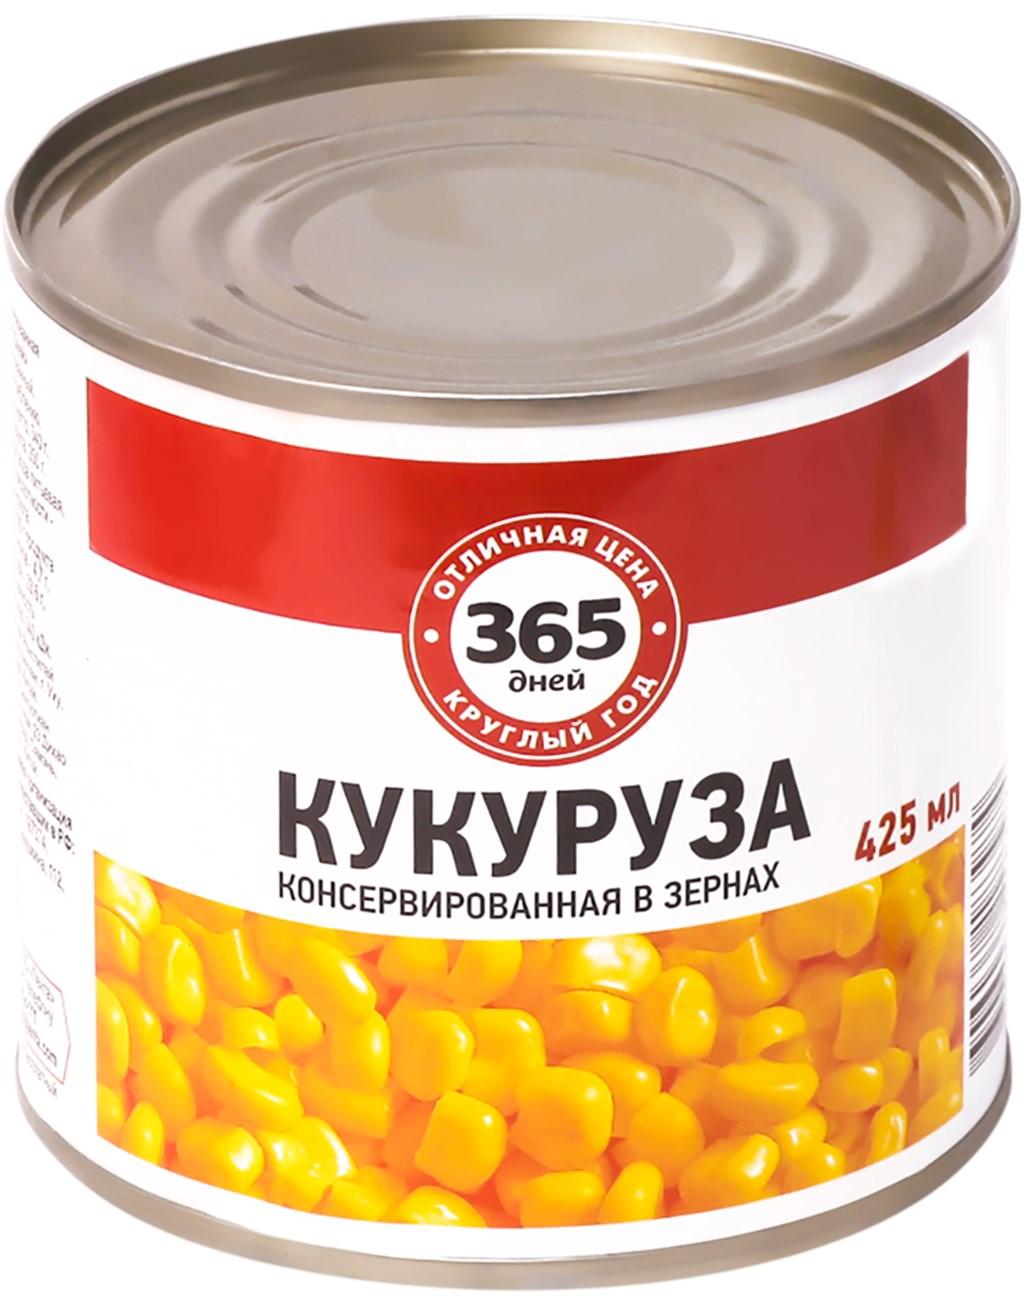 кукуруза 365 дней